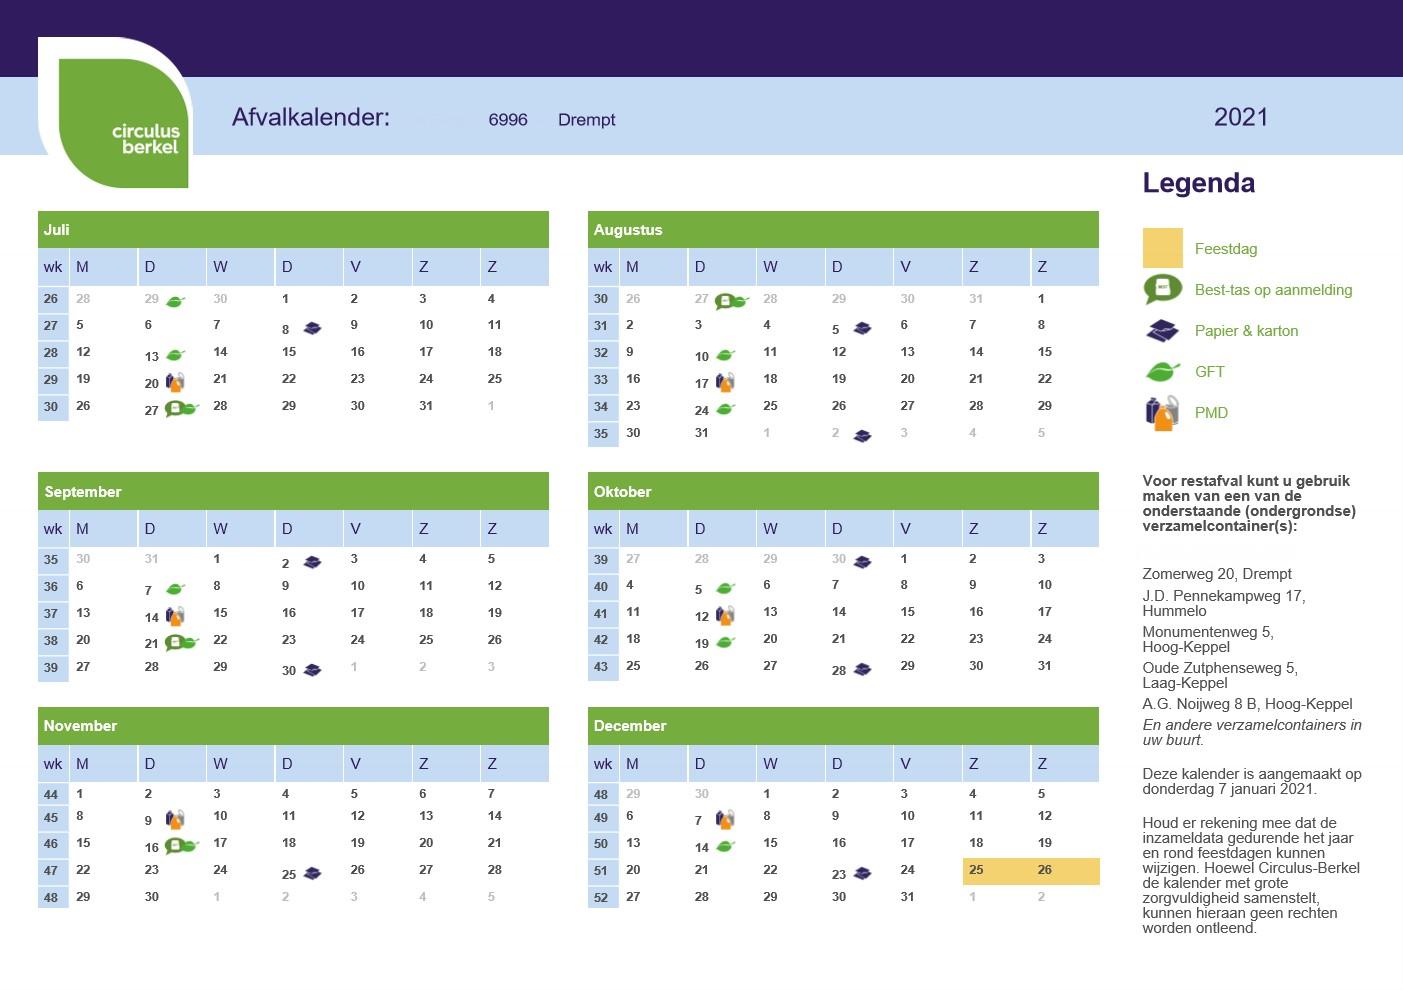 Afvalkalender 6996 Drempt 2021 (juli t/m december)